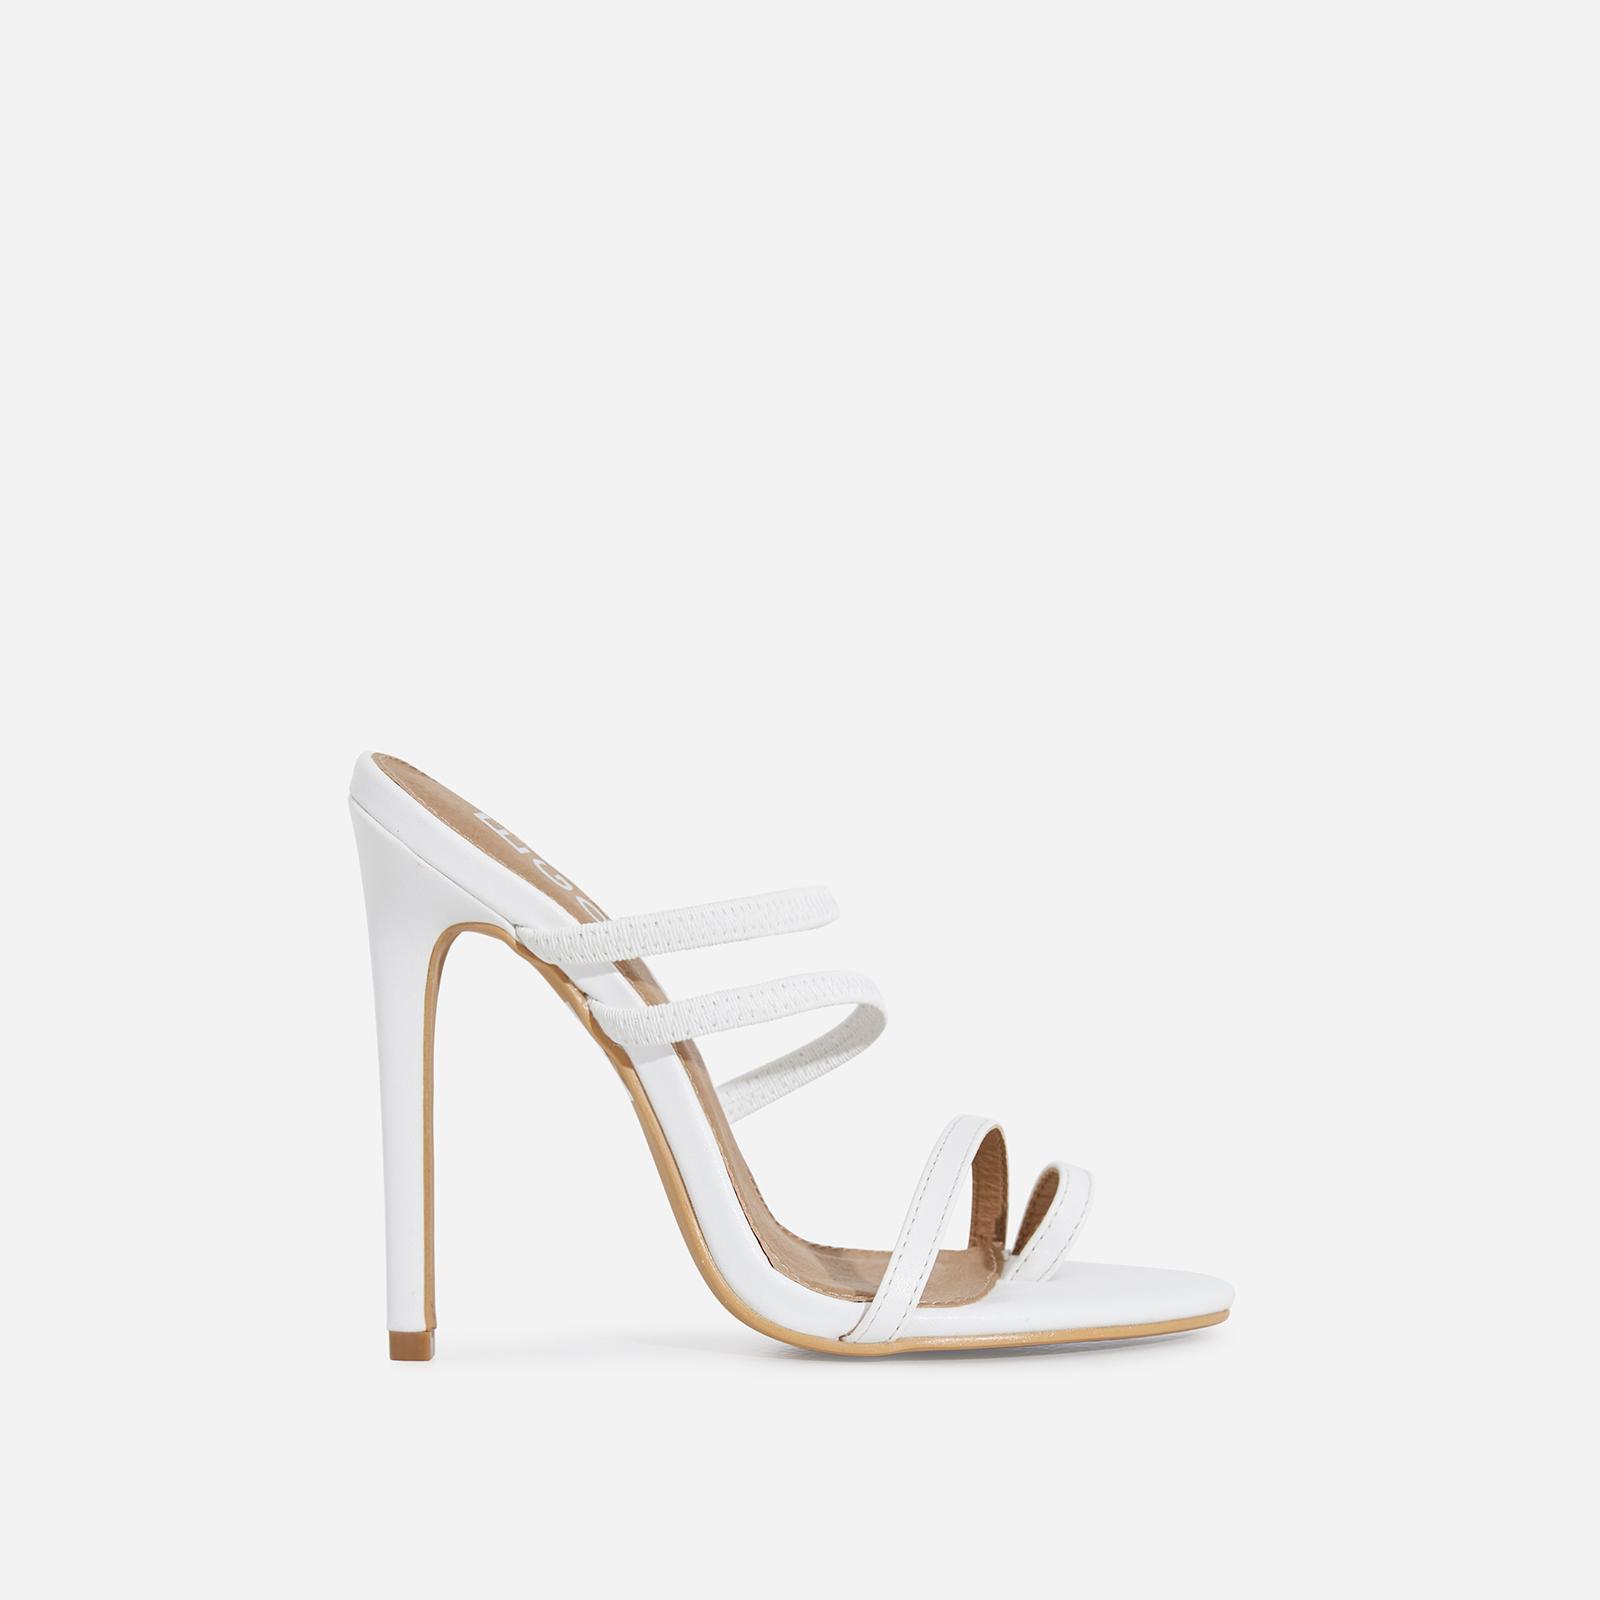 Letty Toe Strap Heel Mule In White Faux Leather